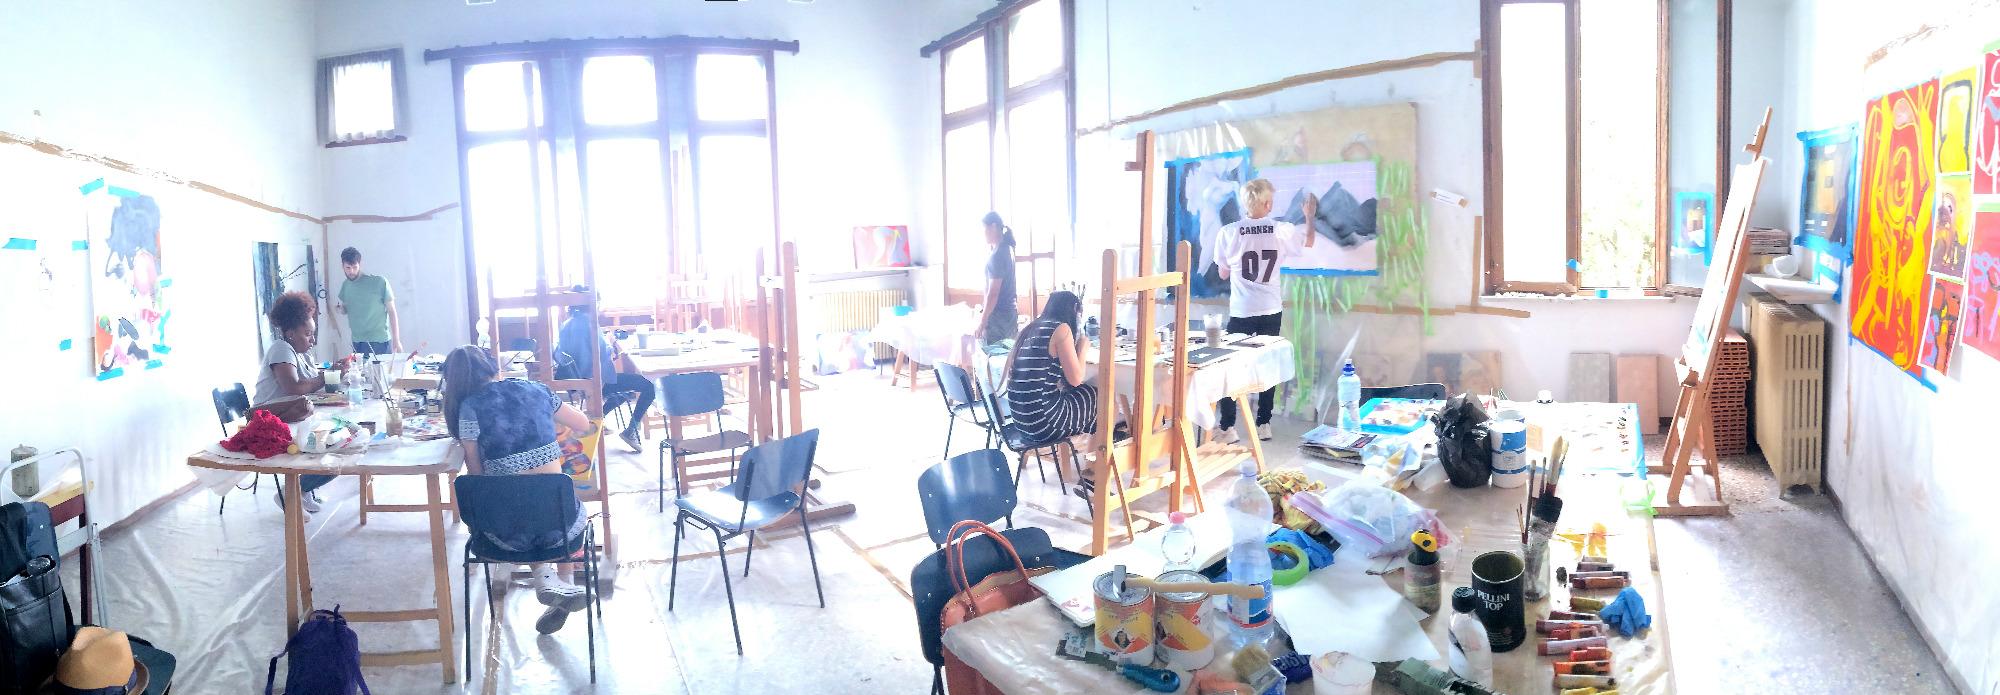 Panoramic view of the painting studio at UIA. (photo: Alexandra Price)